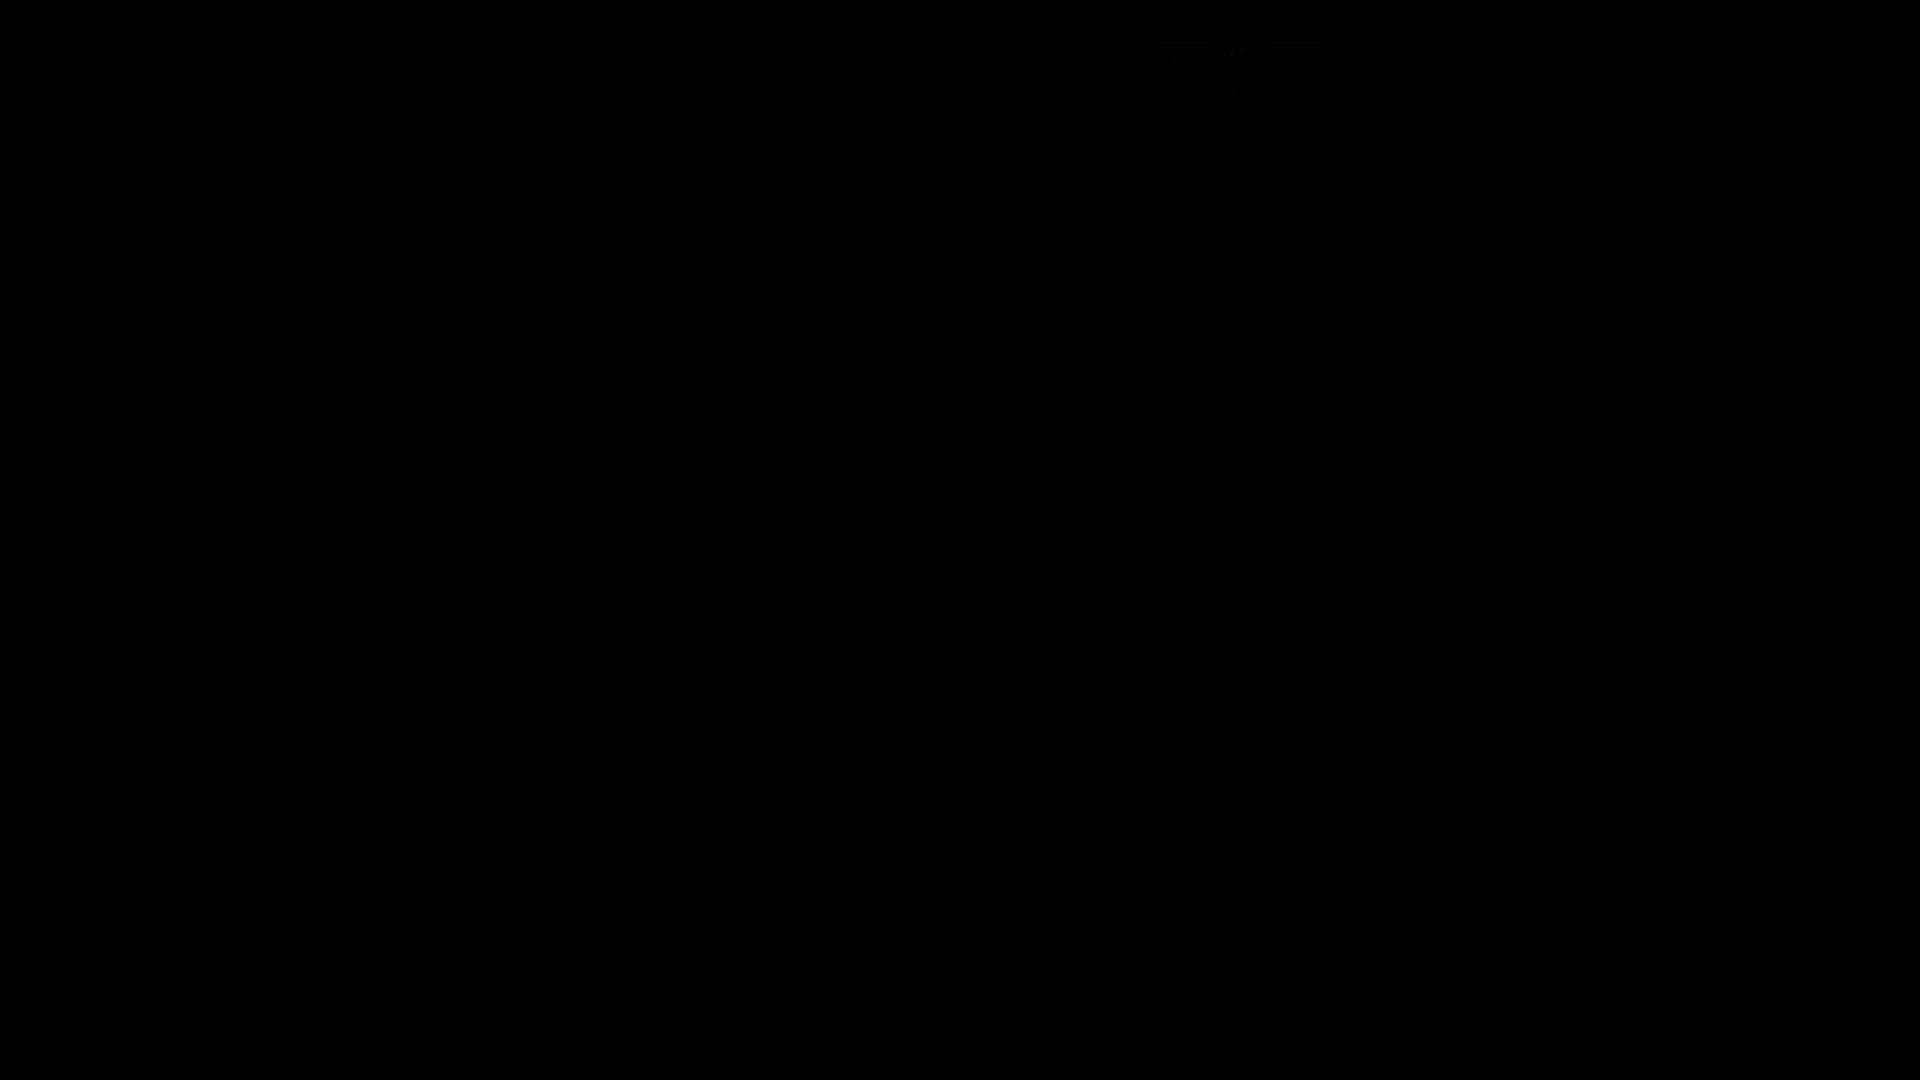 巨乳 乳首:化粧室絵巻 ショッピングモール編 VOL.02:怪盗ジョーカー